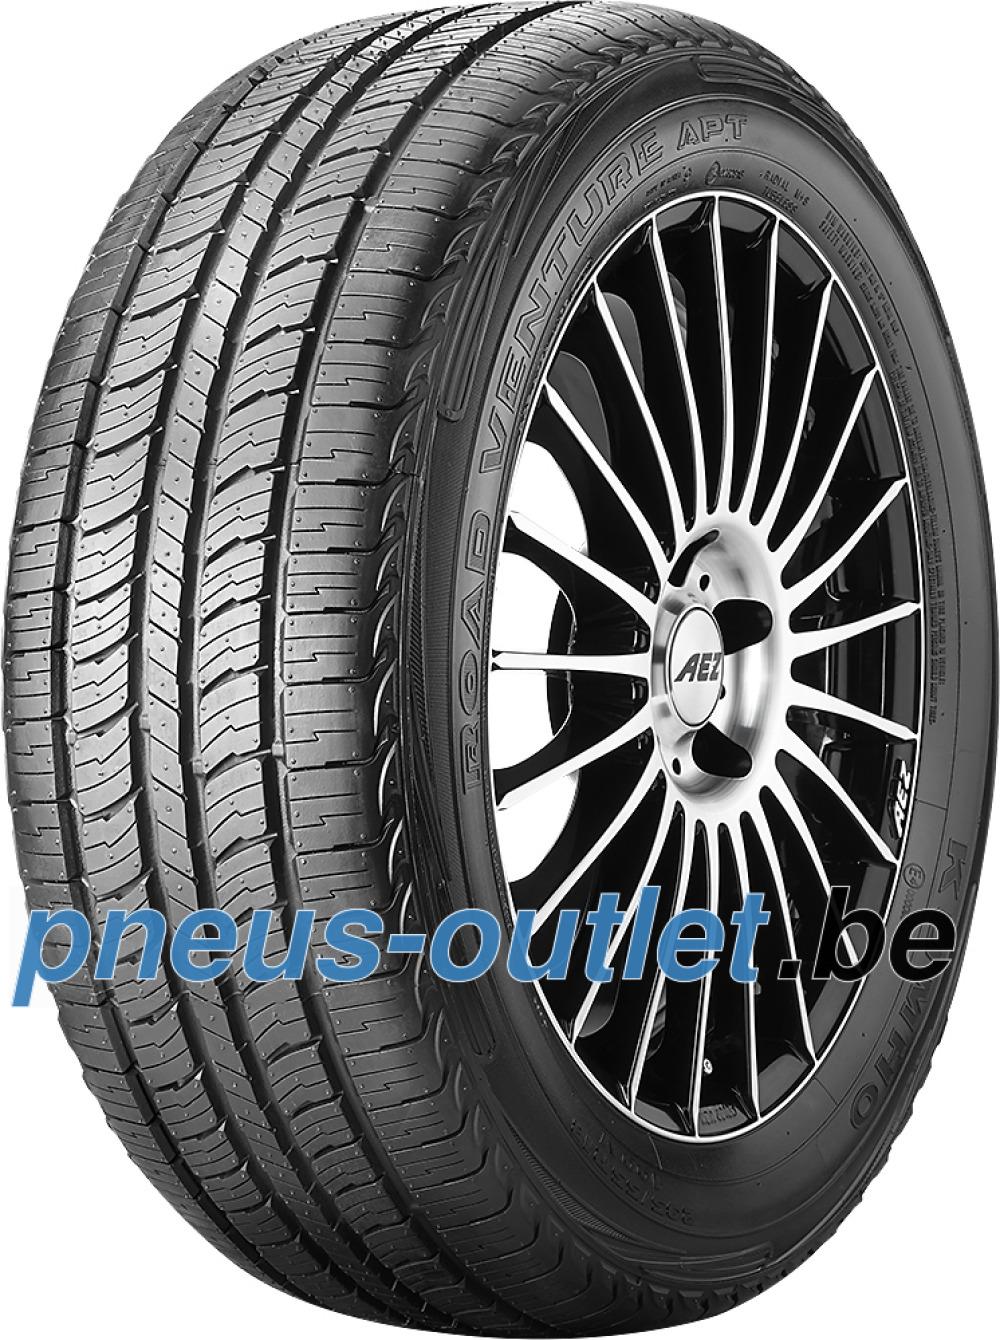 Kumho Road Venture APT KL51 ( LT245/75 R16 120/116S 10PR )